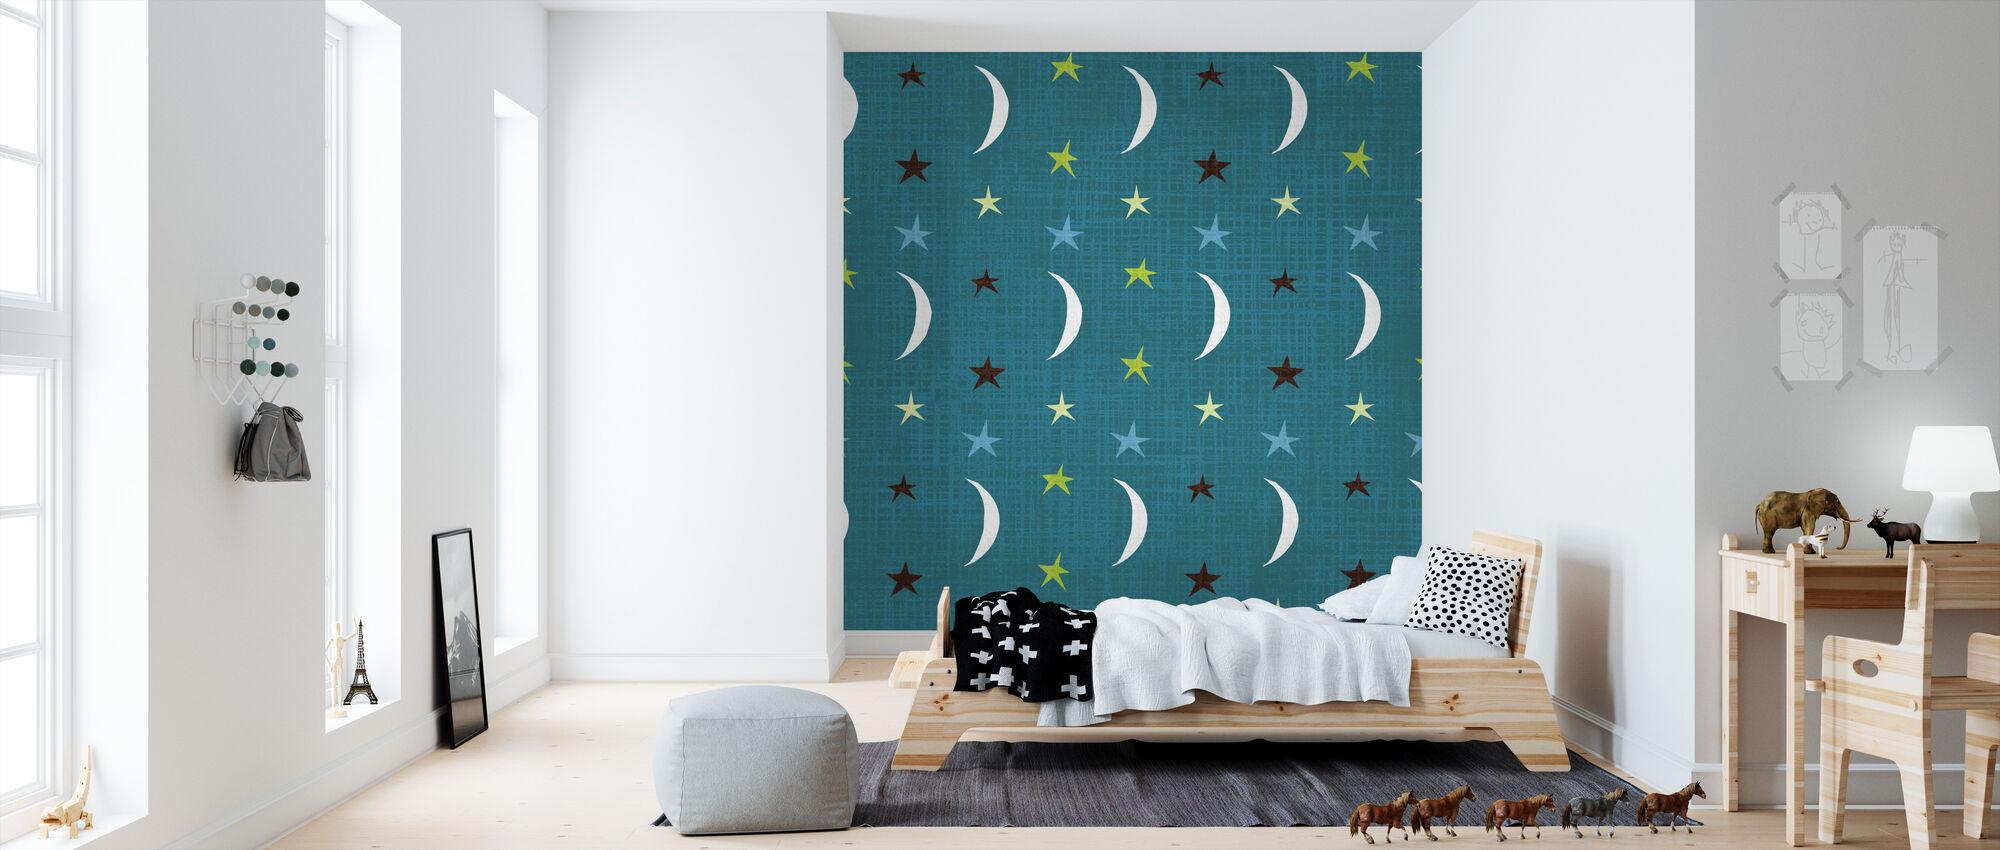 Night Owl V - Wallpaper - Kids Room